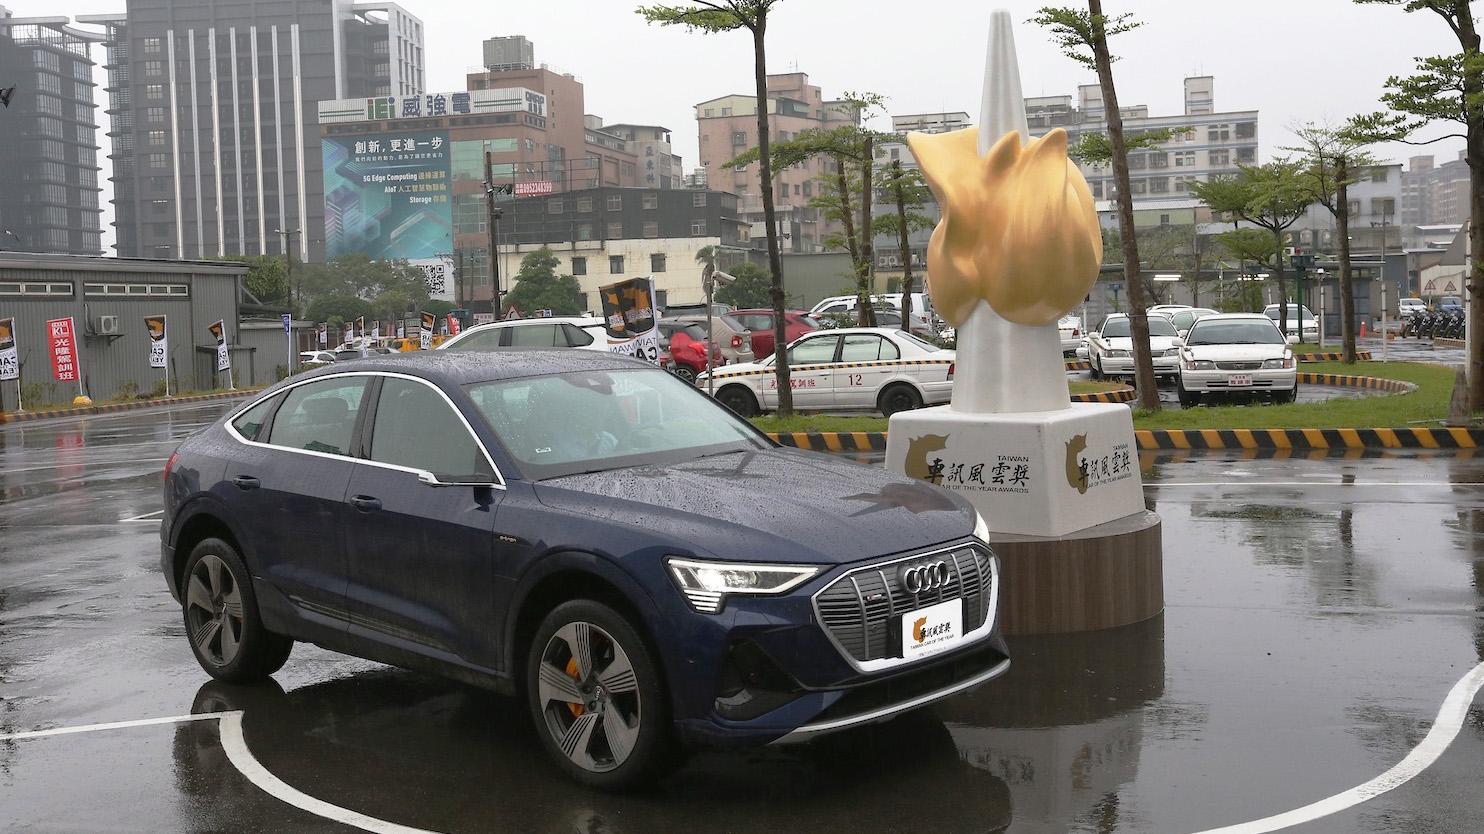 【2021車訊風雲獎】得獎名單出爐,Audi e-tron 最大贏家!